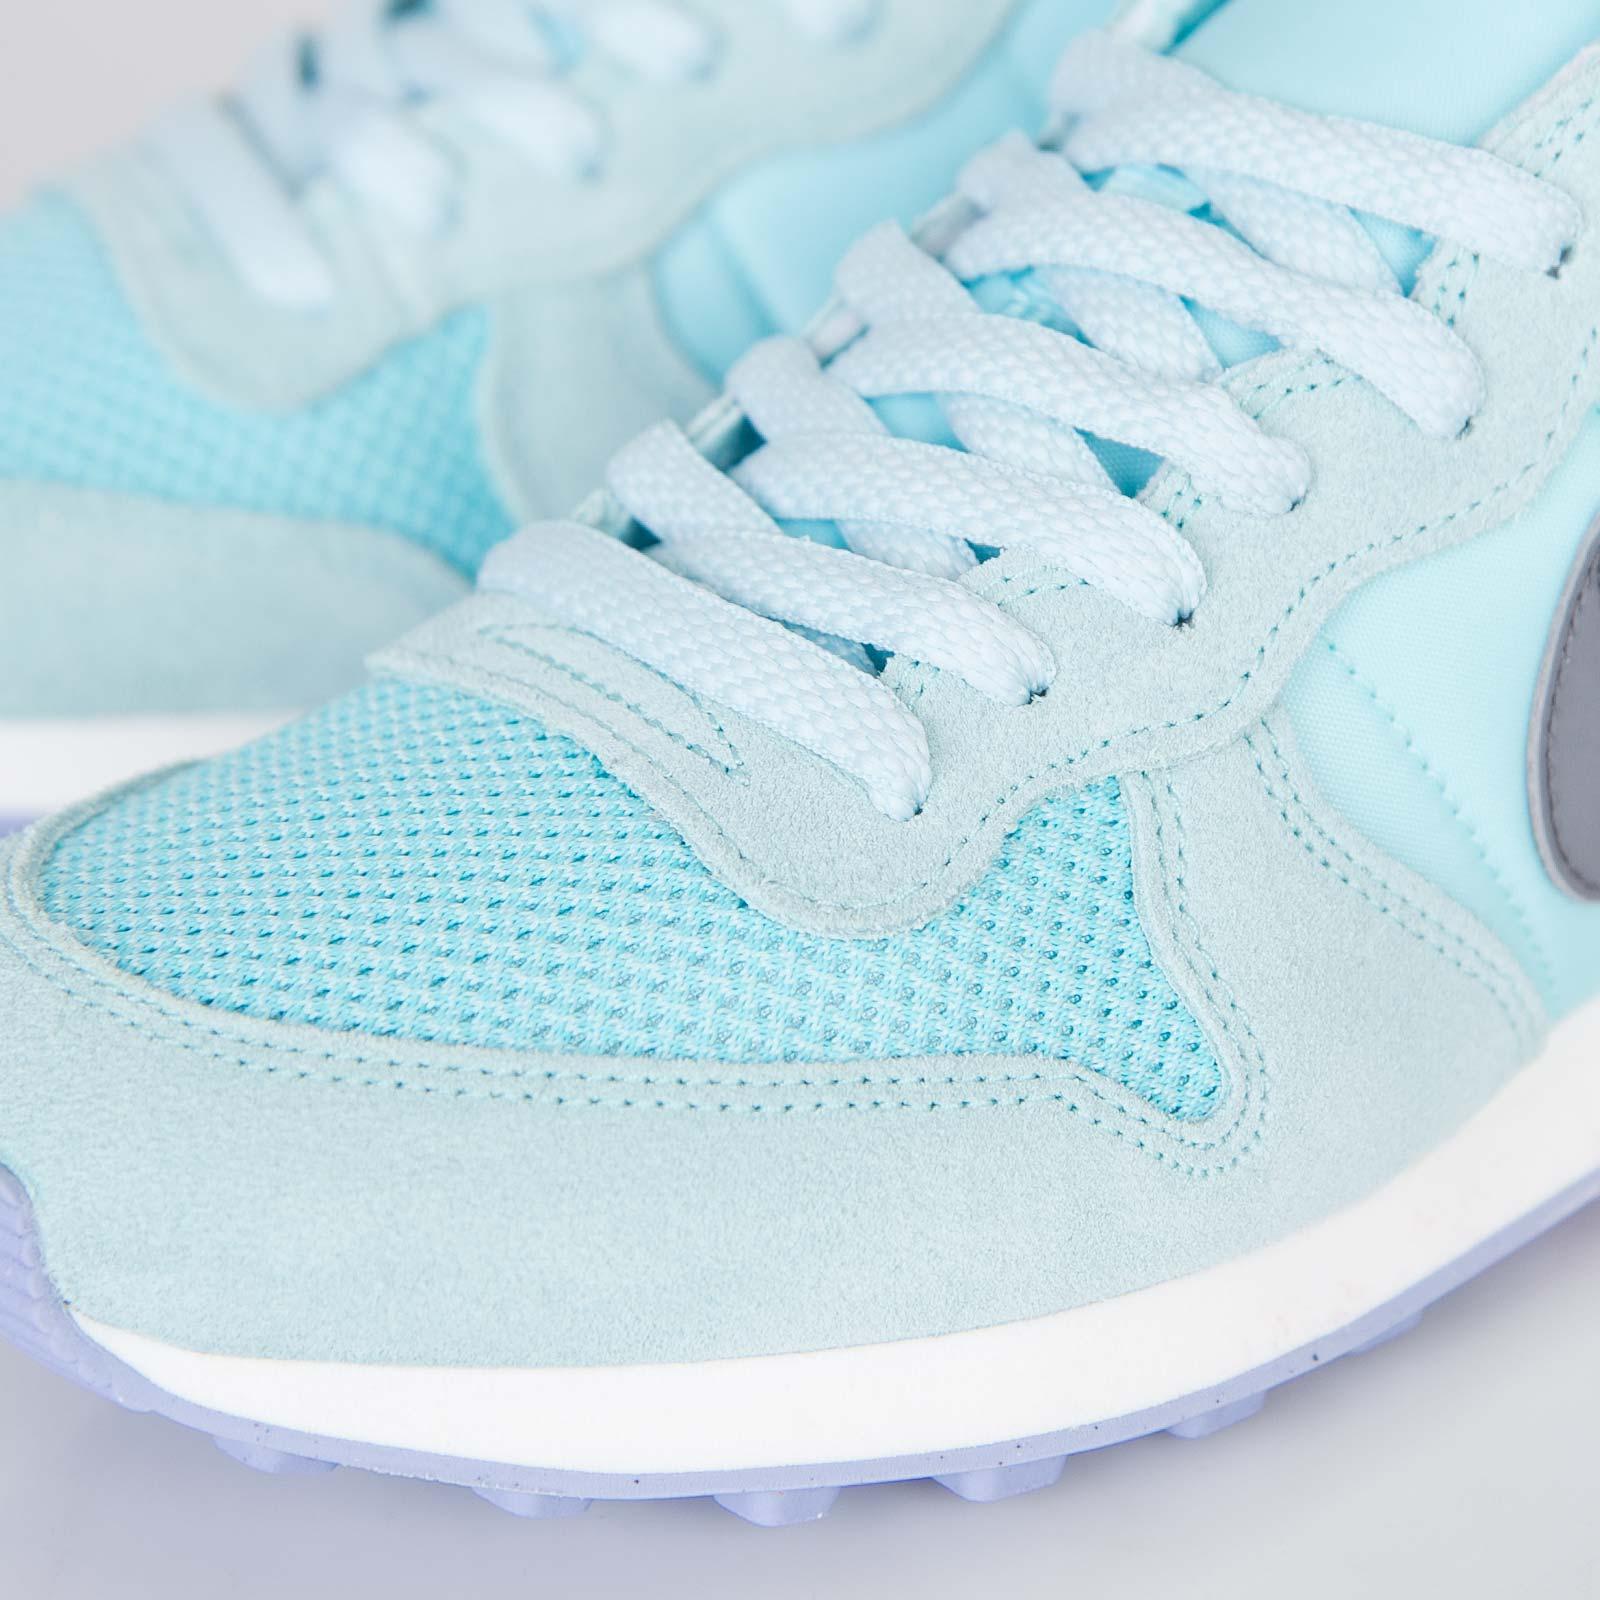 promo code f398f ee031 Nike Wmns Internationalist - 629684-400 - Sneakersnstuff   sneakers    streetwear online since 1999